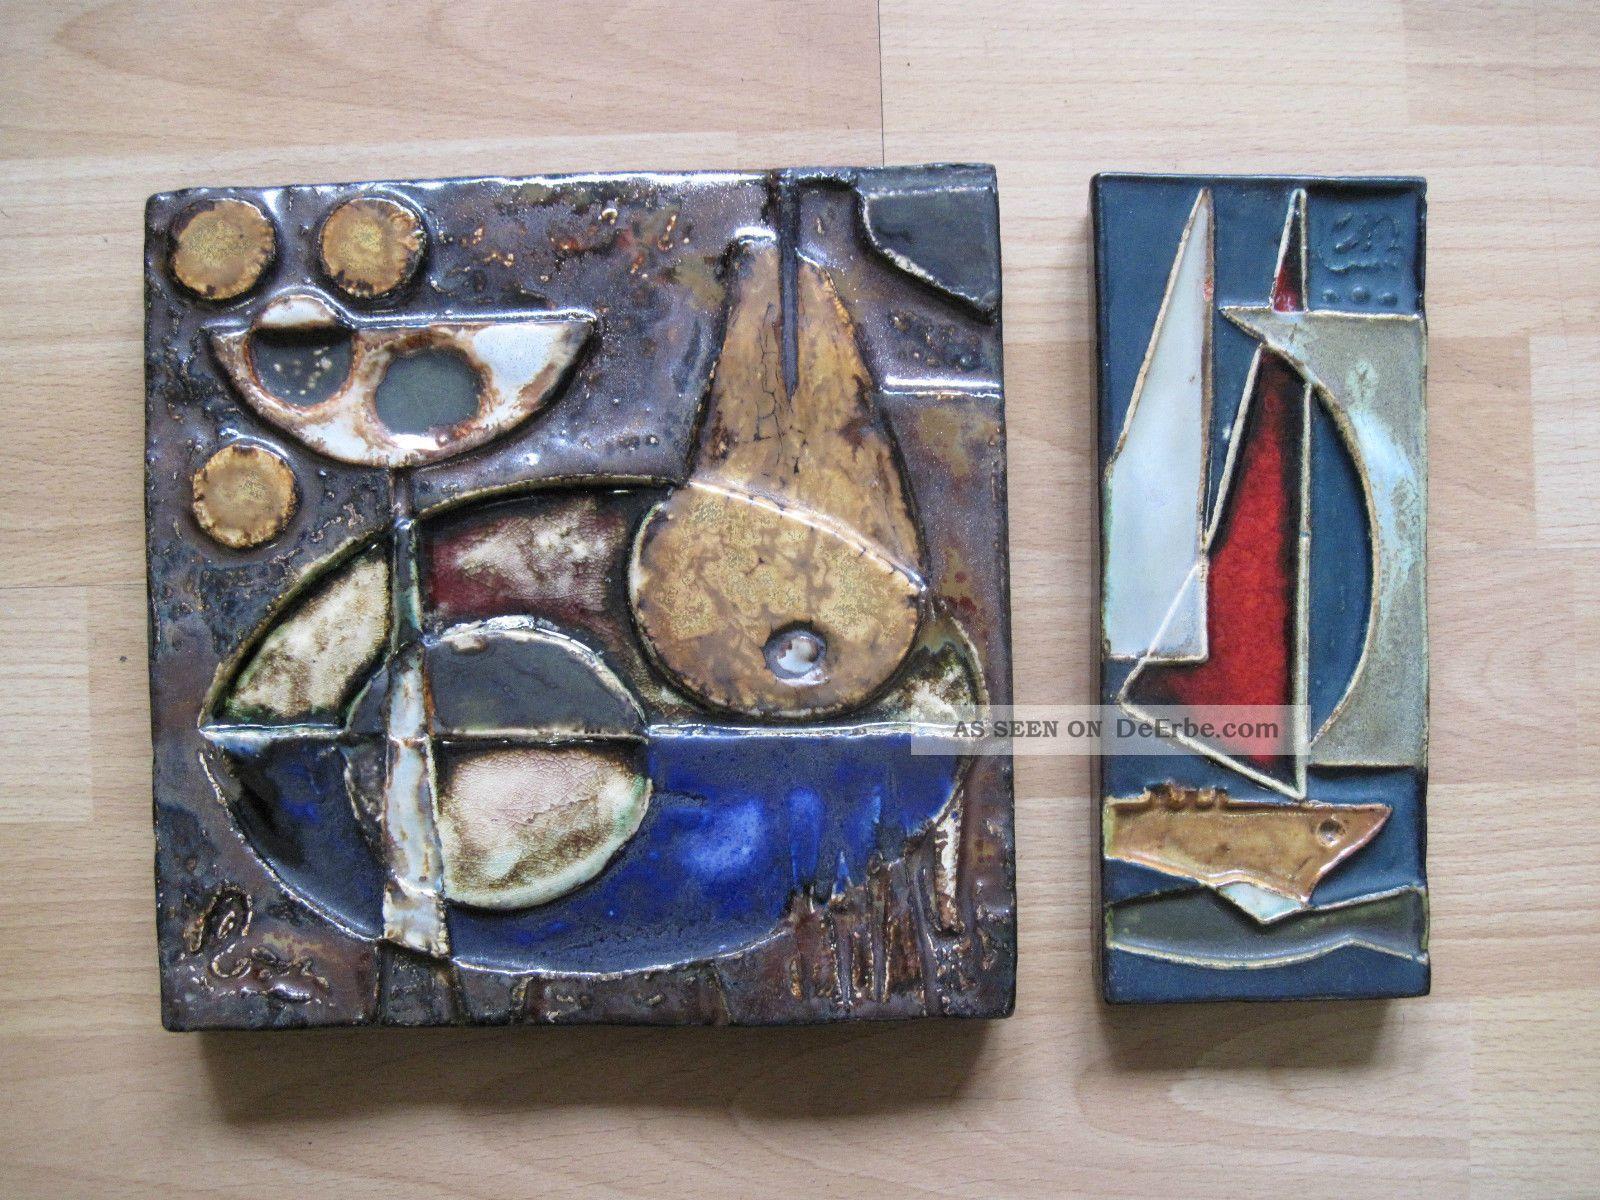 Helmut Schäffenacker - 2 Kleinformatige Wandplatten Aus Keramik - Unbeschädigt Nach Stil & Epoche Bild